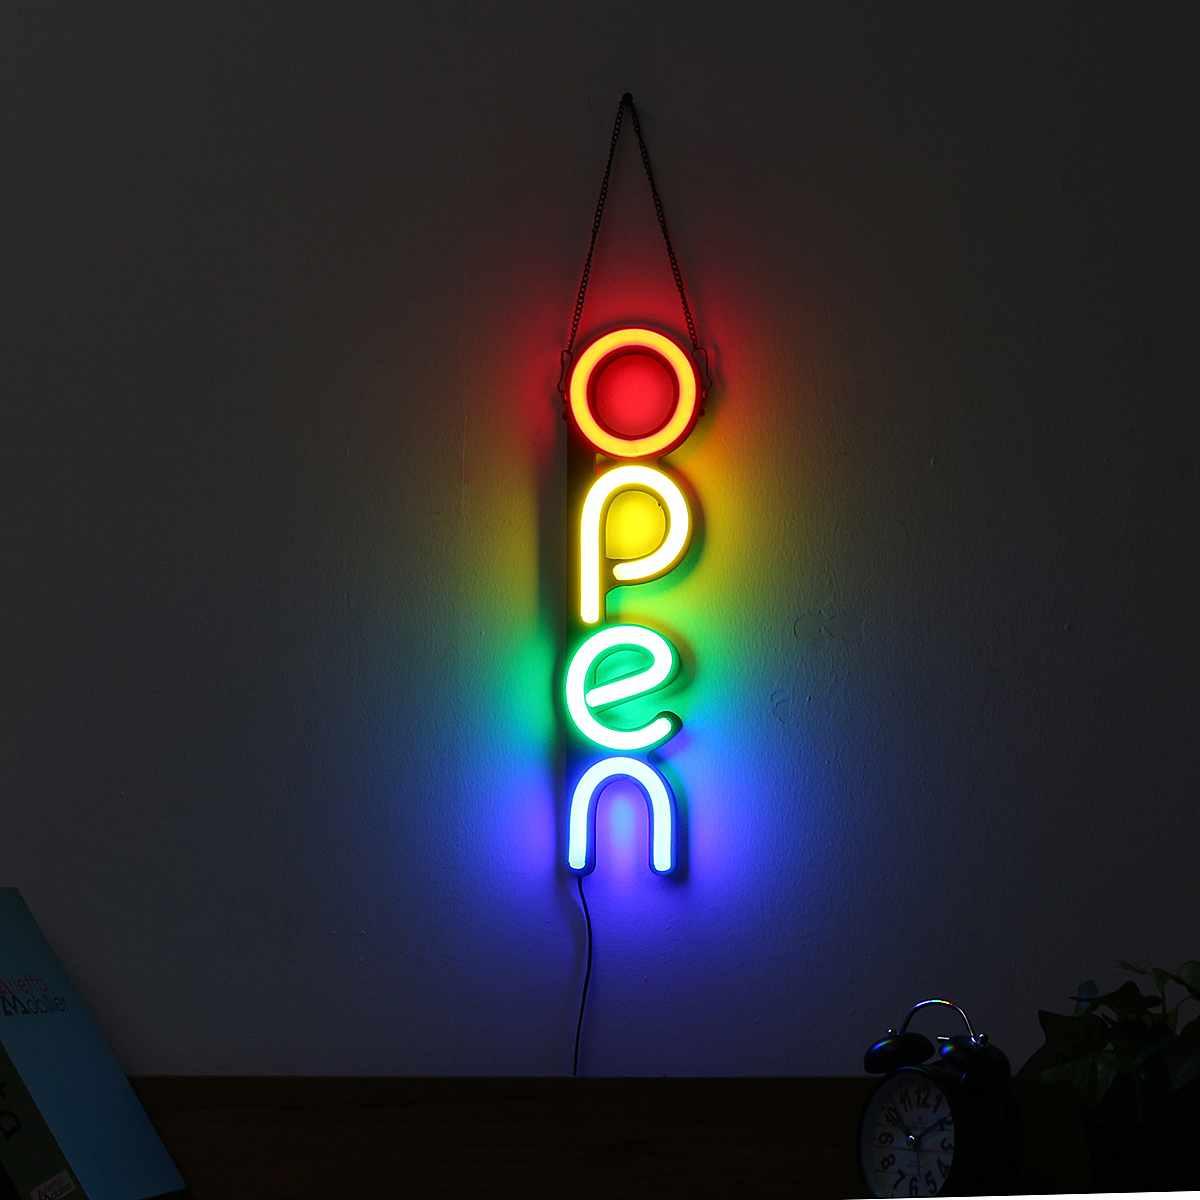 Neon A Accrocher Au Mur €24.53 35% de réduction blanc/coloré ouvert néon signe lumière mur led  lumière visuelle œuvre bar lampe maison chambre magasin décoration  commercial